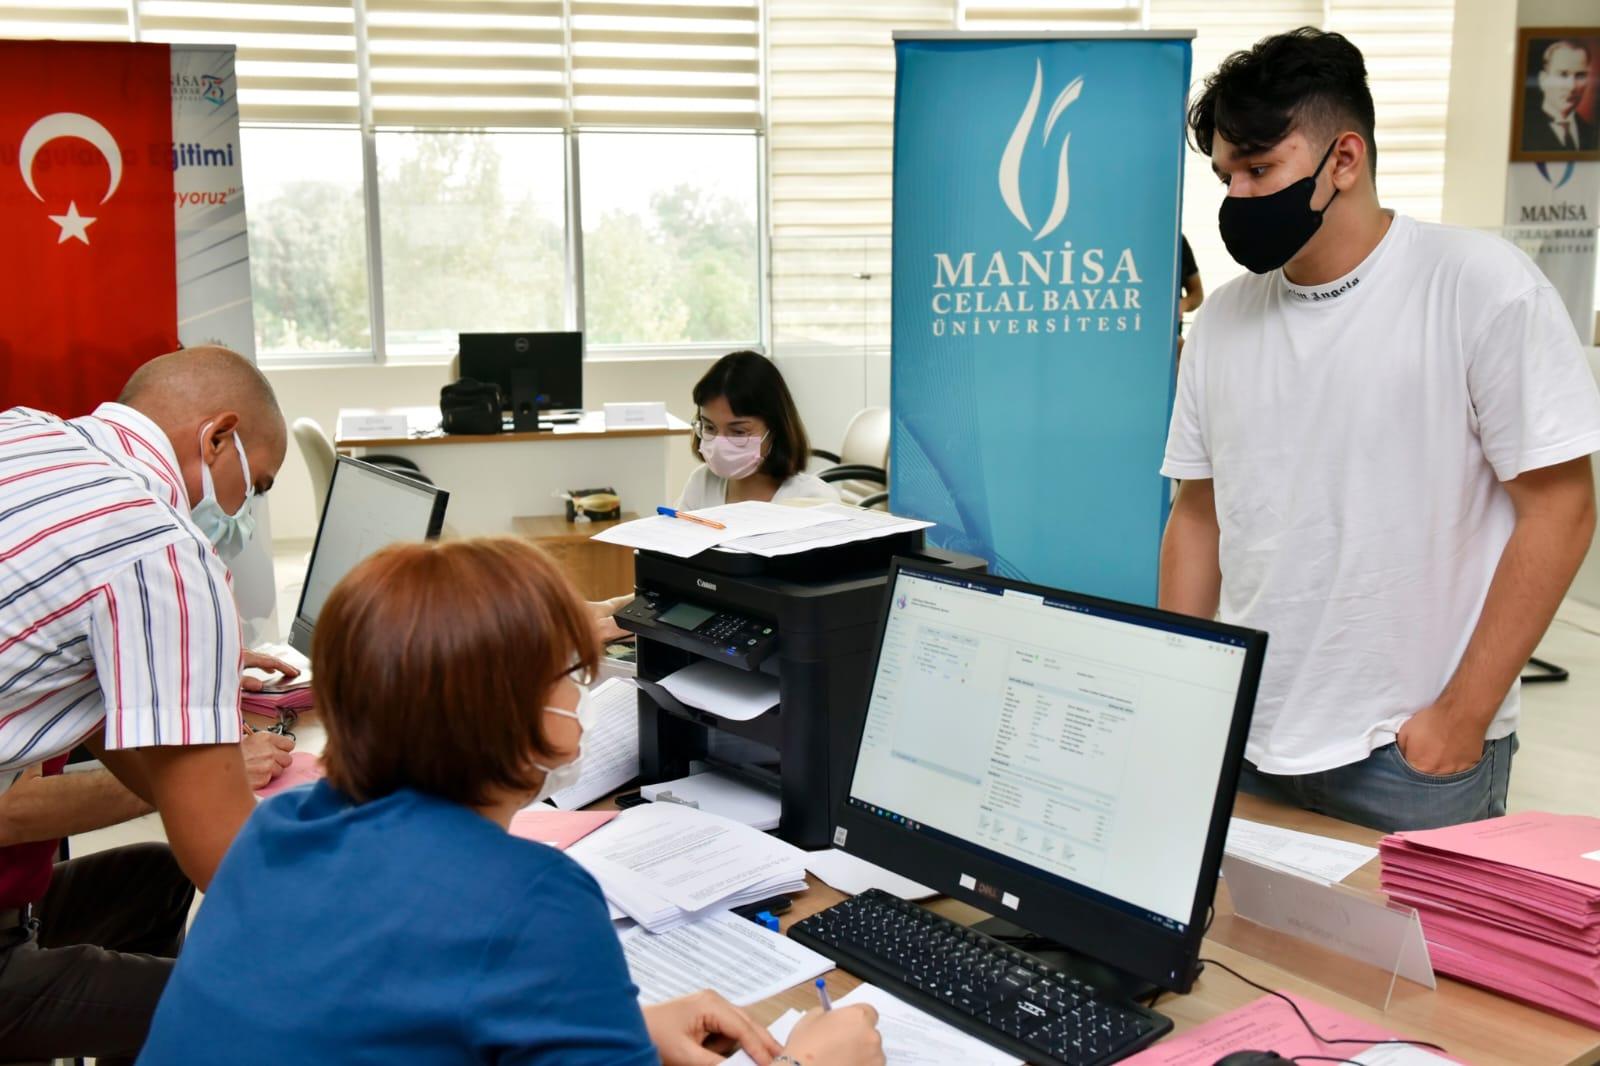 Manisa Celal Bayar Üniversitesi'nde Yurtdışı Öğrenci (YÖS) Kayıtları Başladı